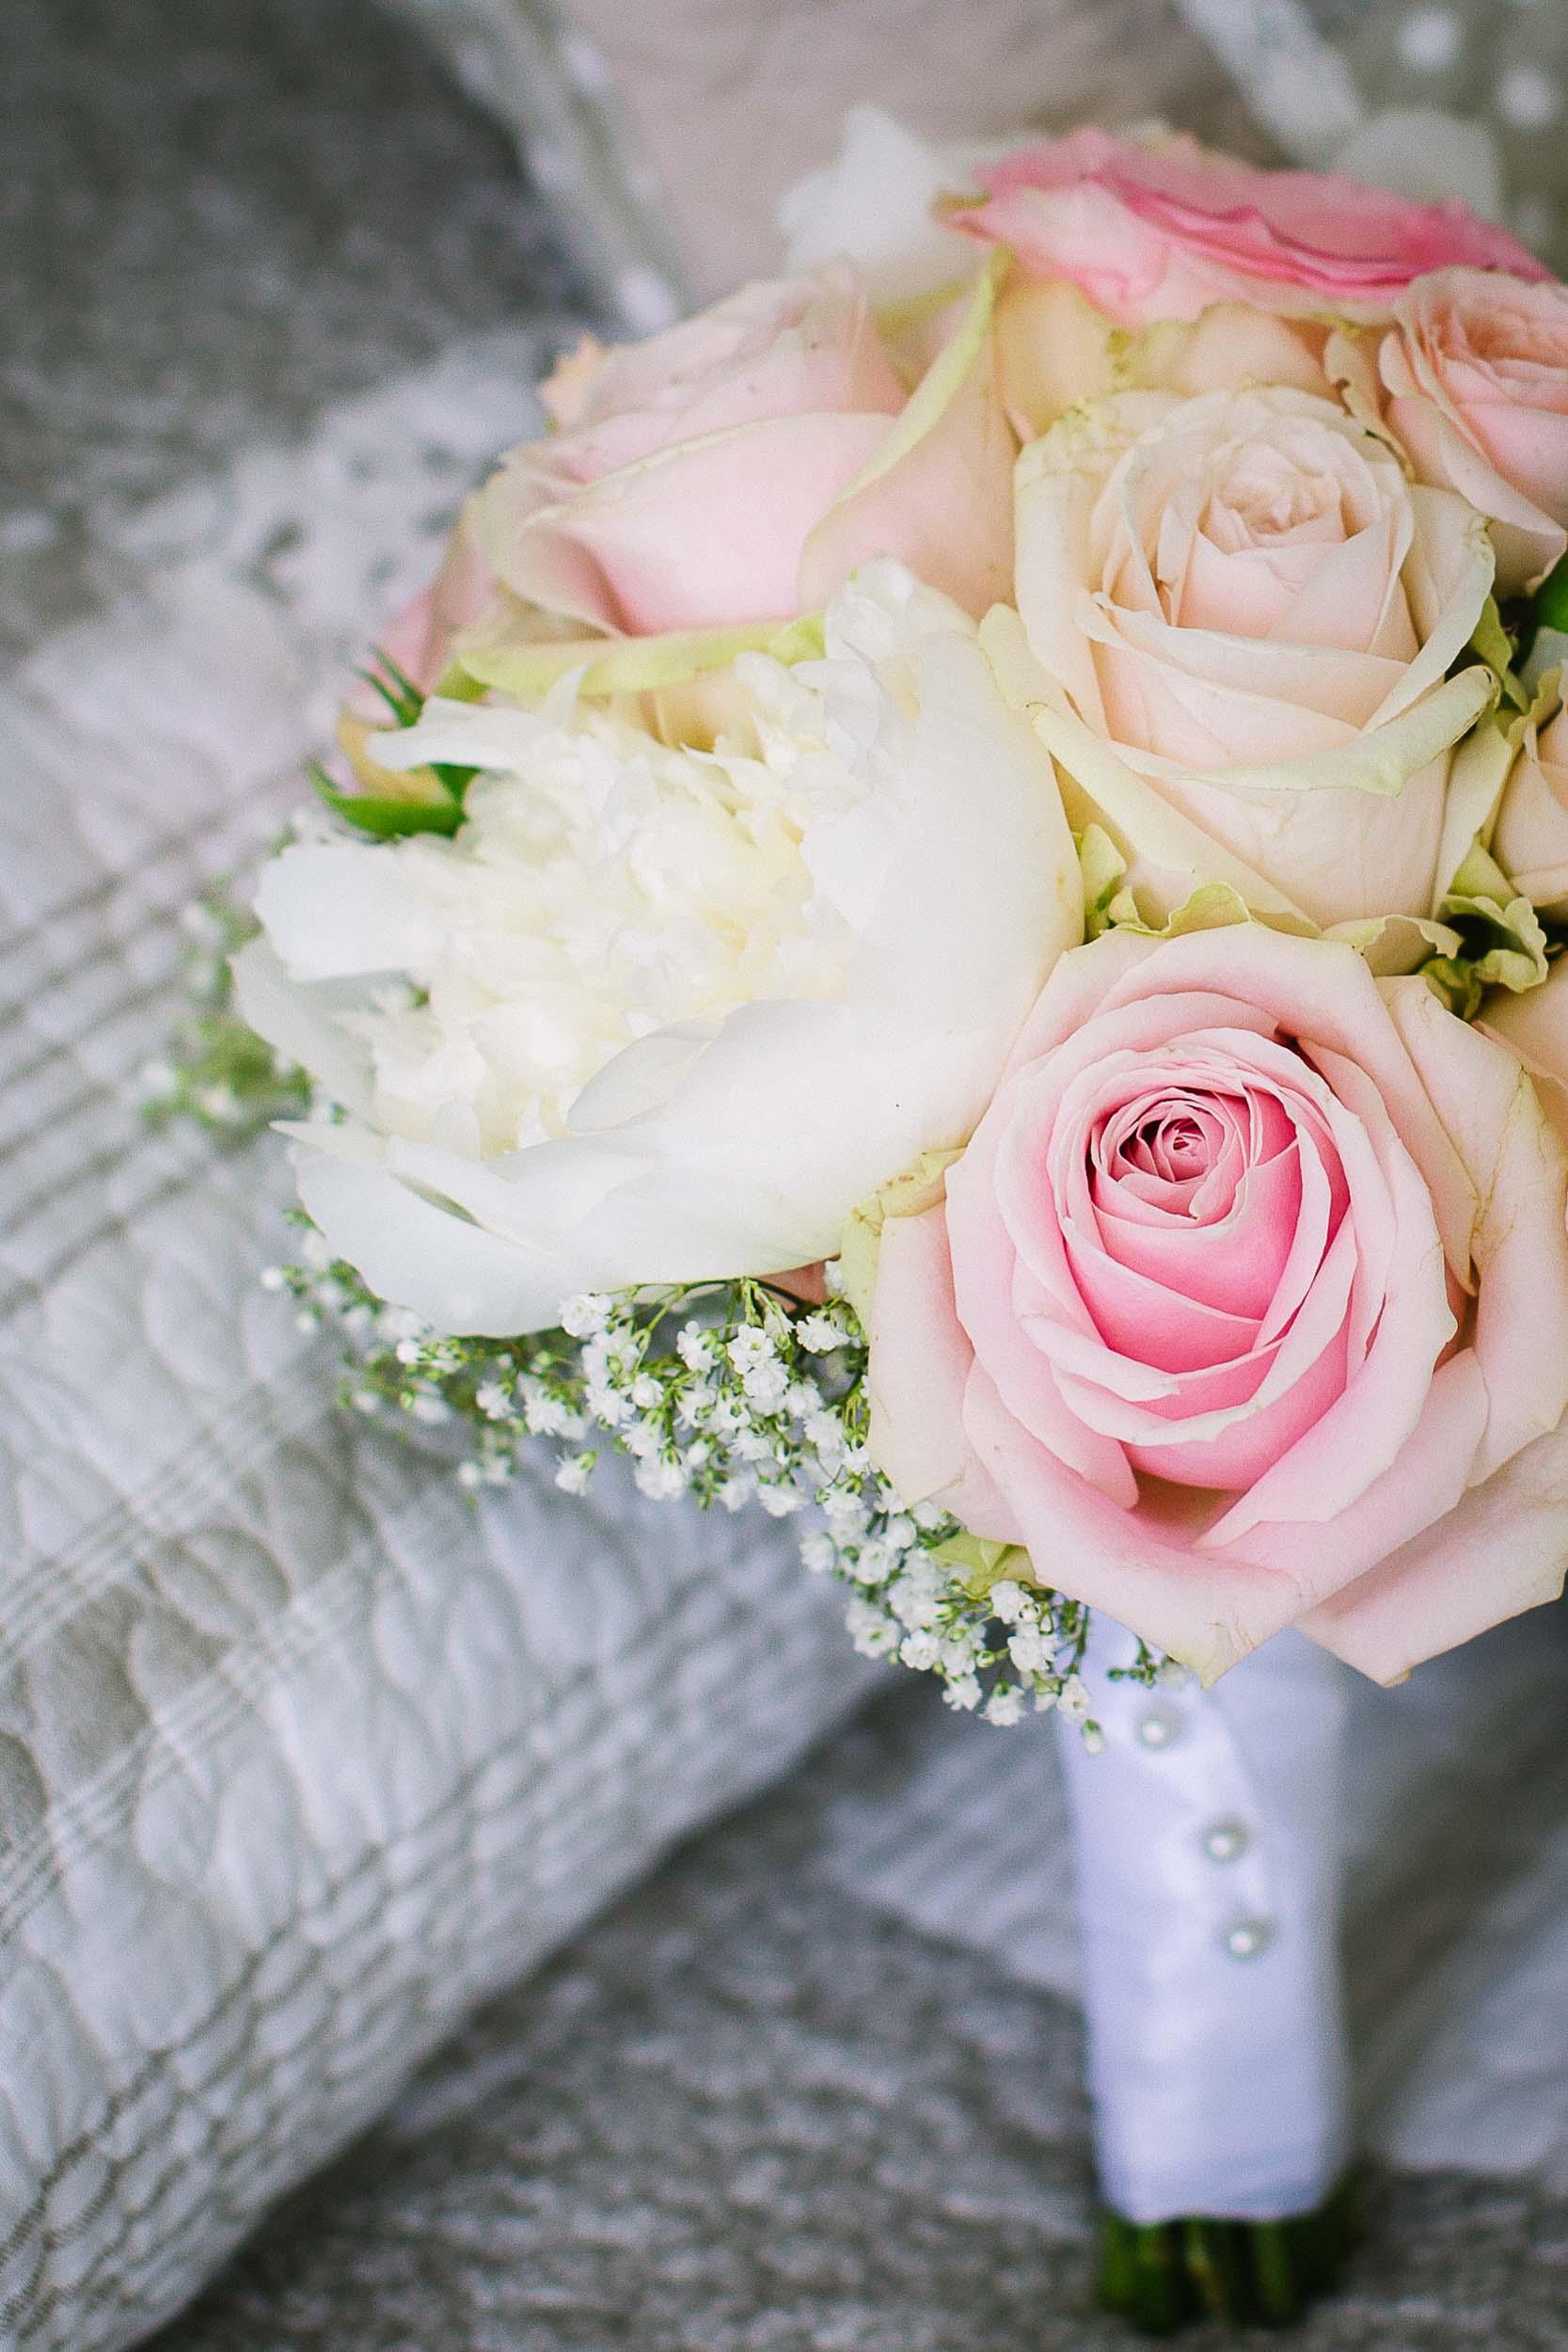 002-Melanie-Aurelien-Wedding-8539-col.jpg